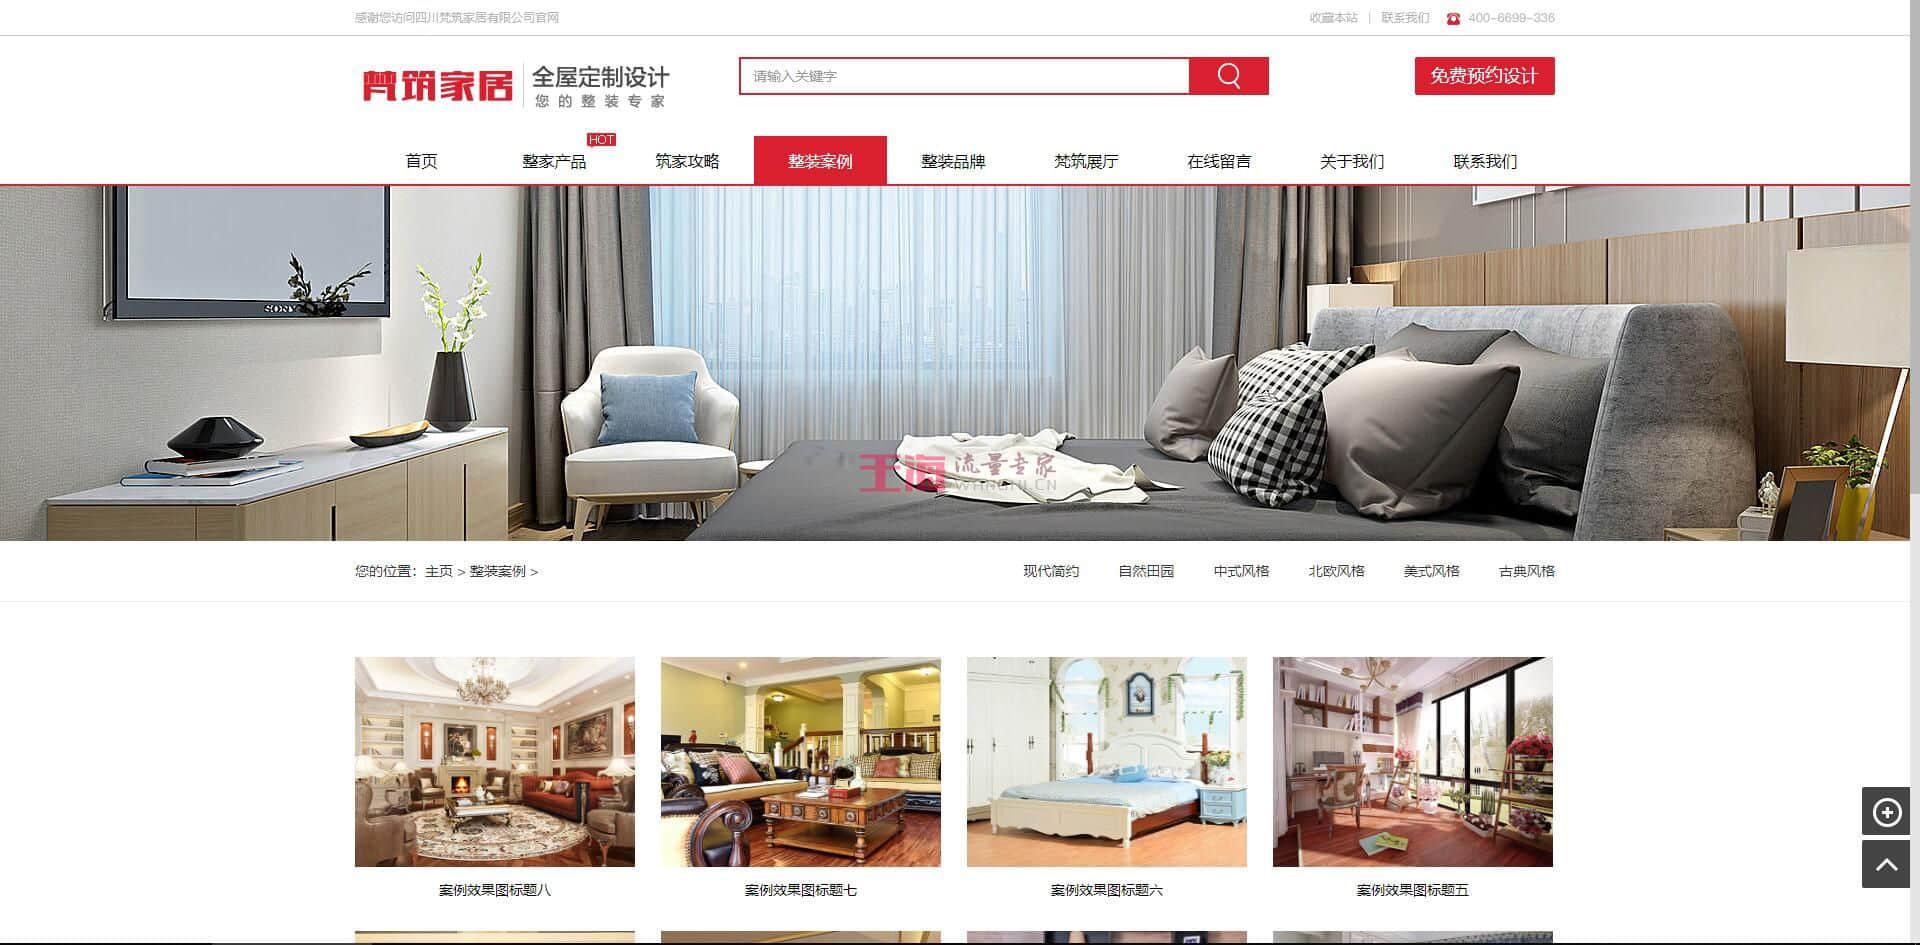 企业品牌官网案例:四川梵筑家居有限公司